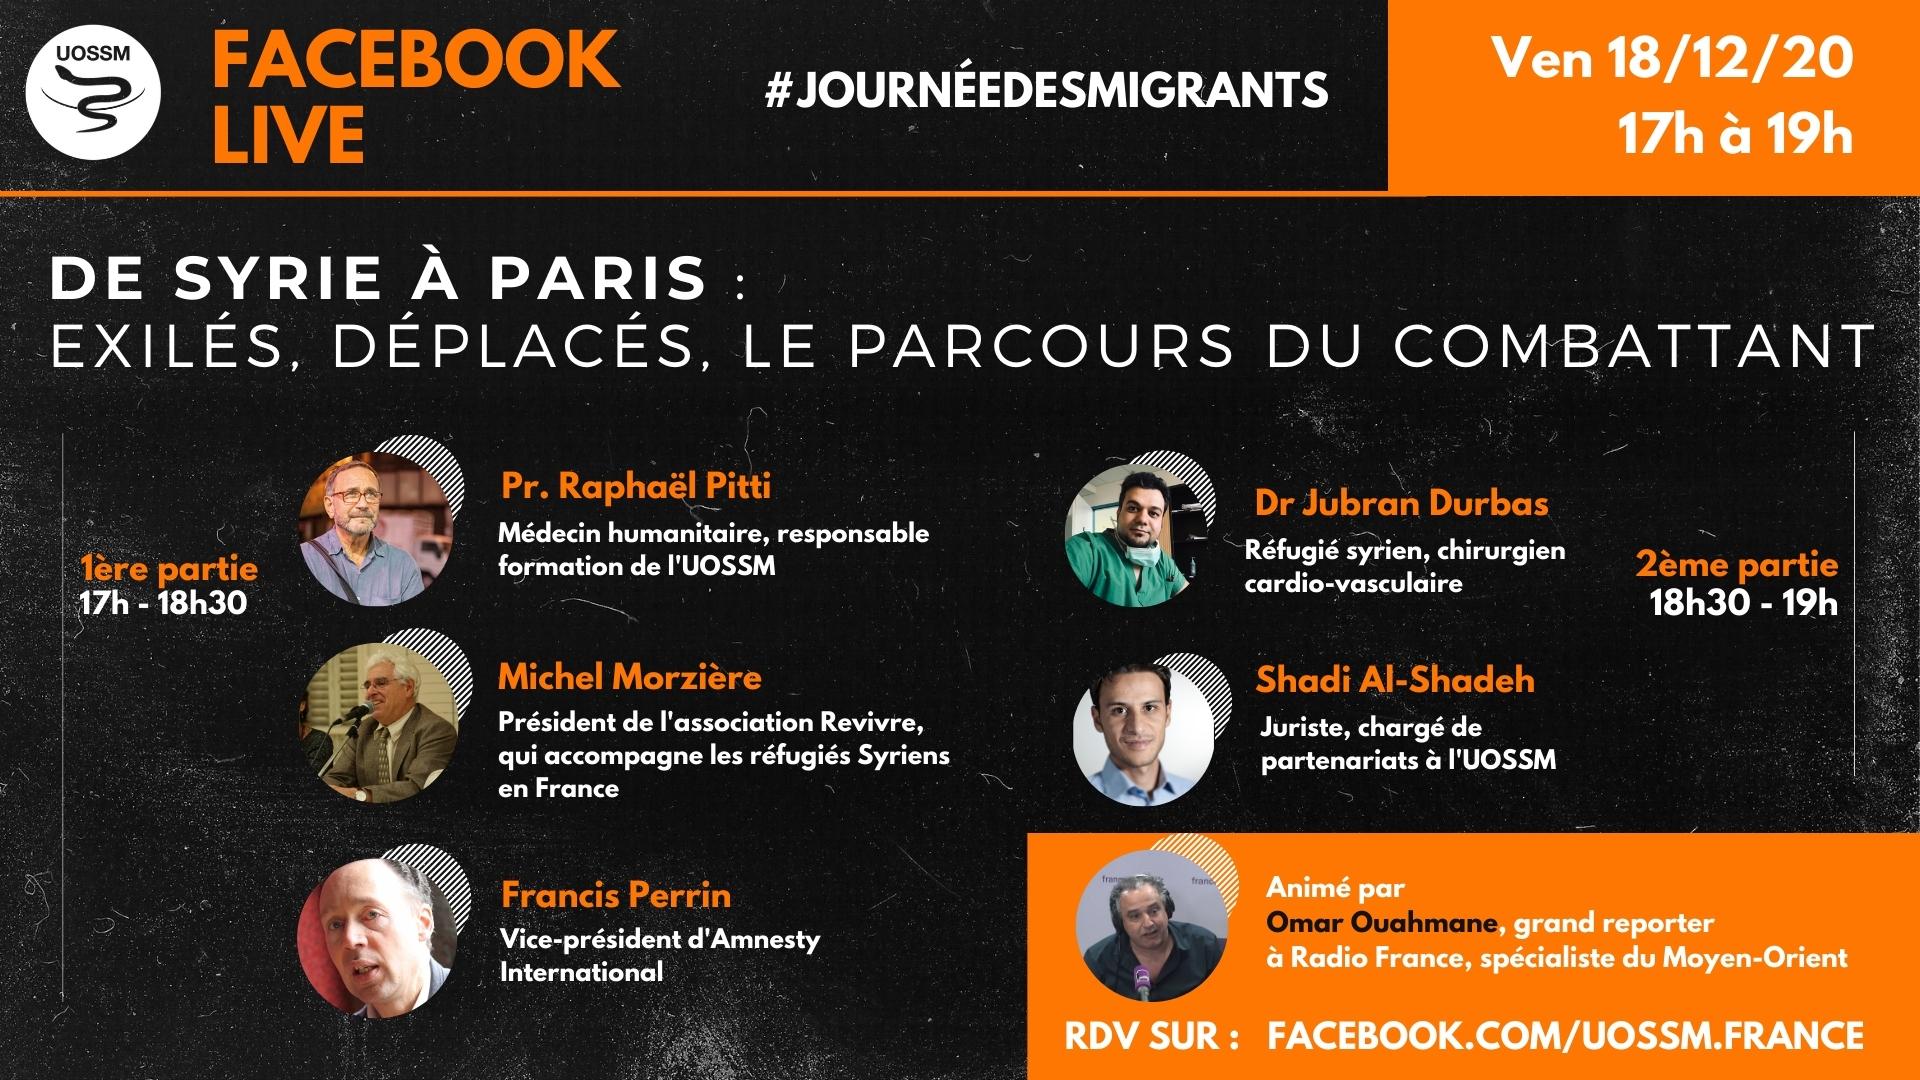 Affiche de l'événement live Facebook